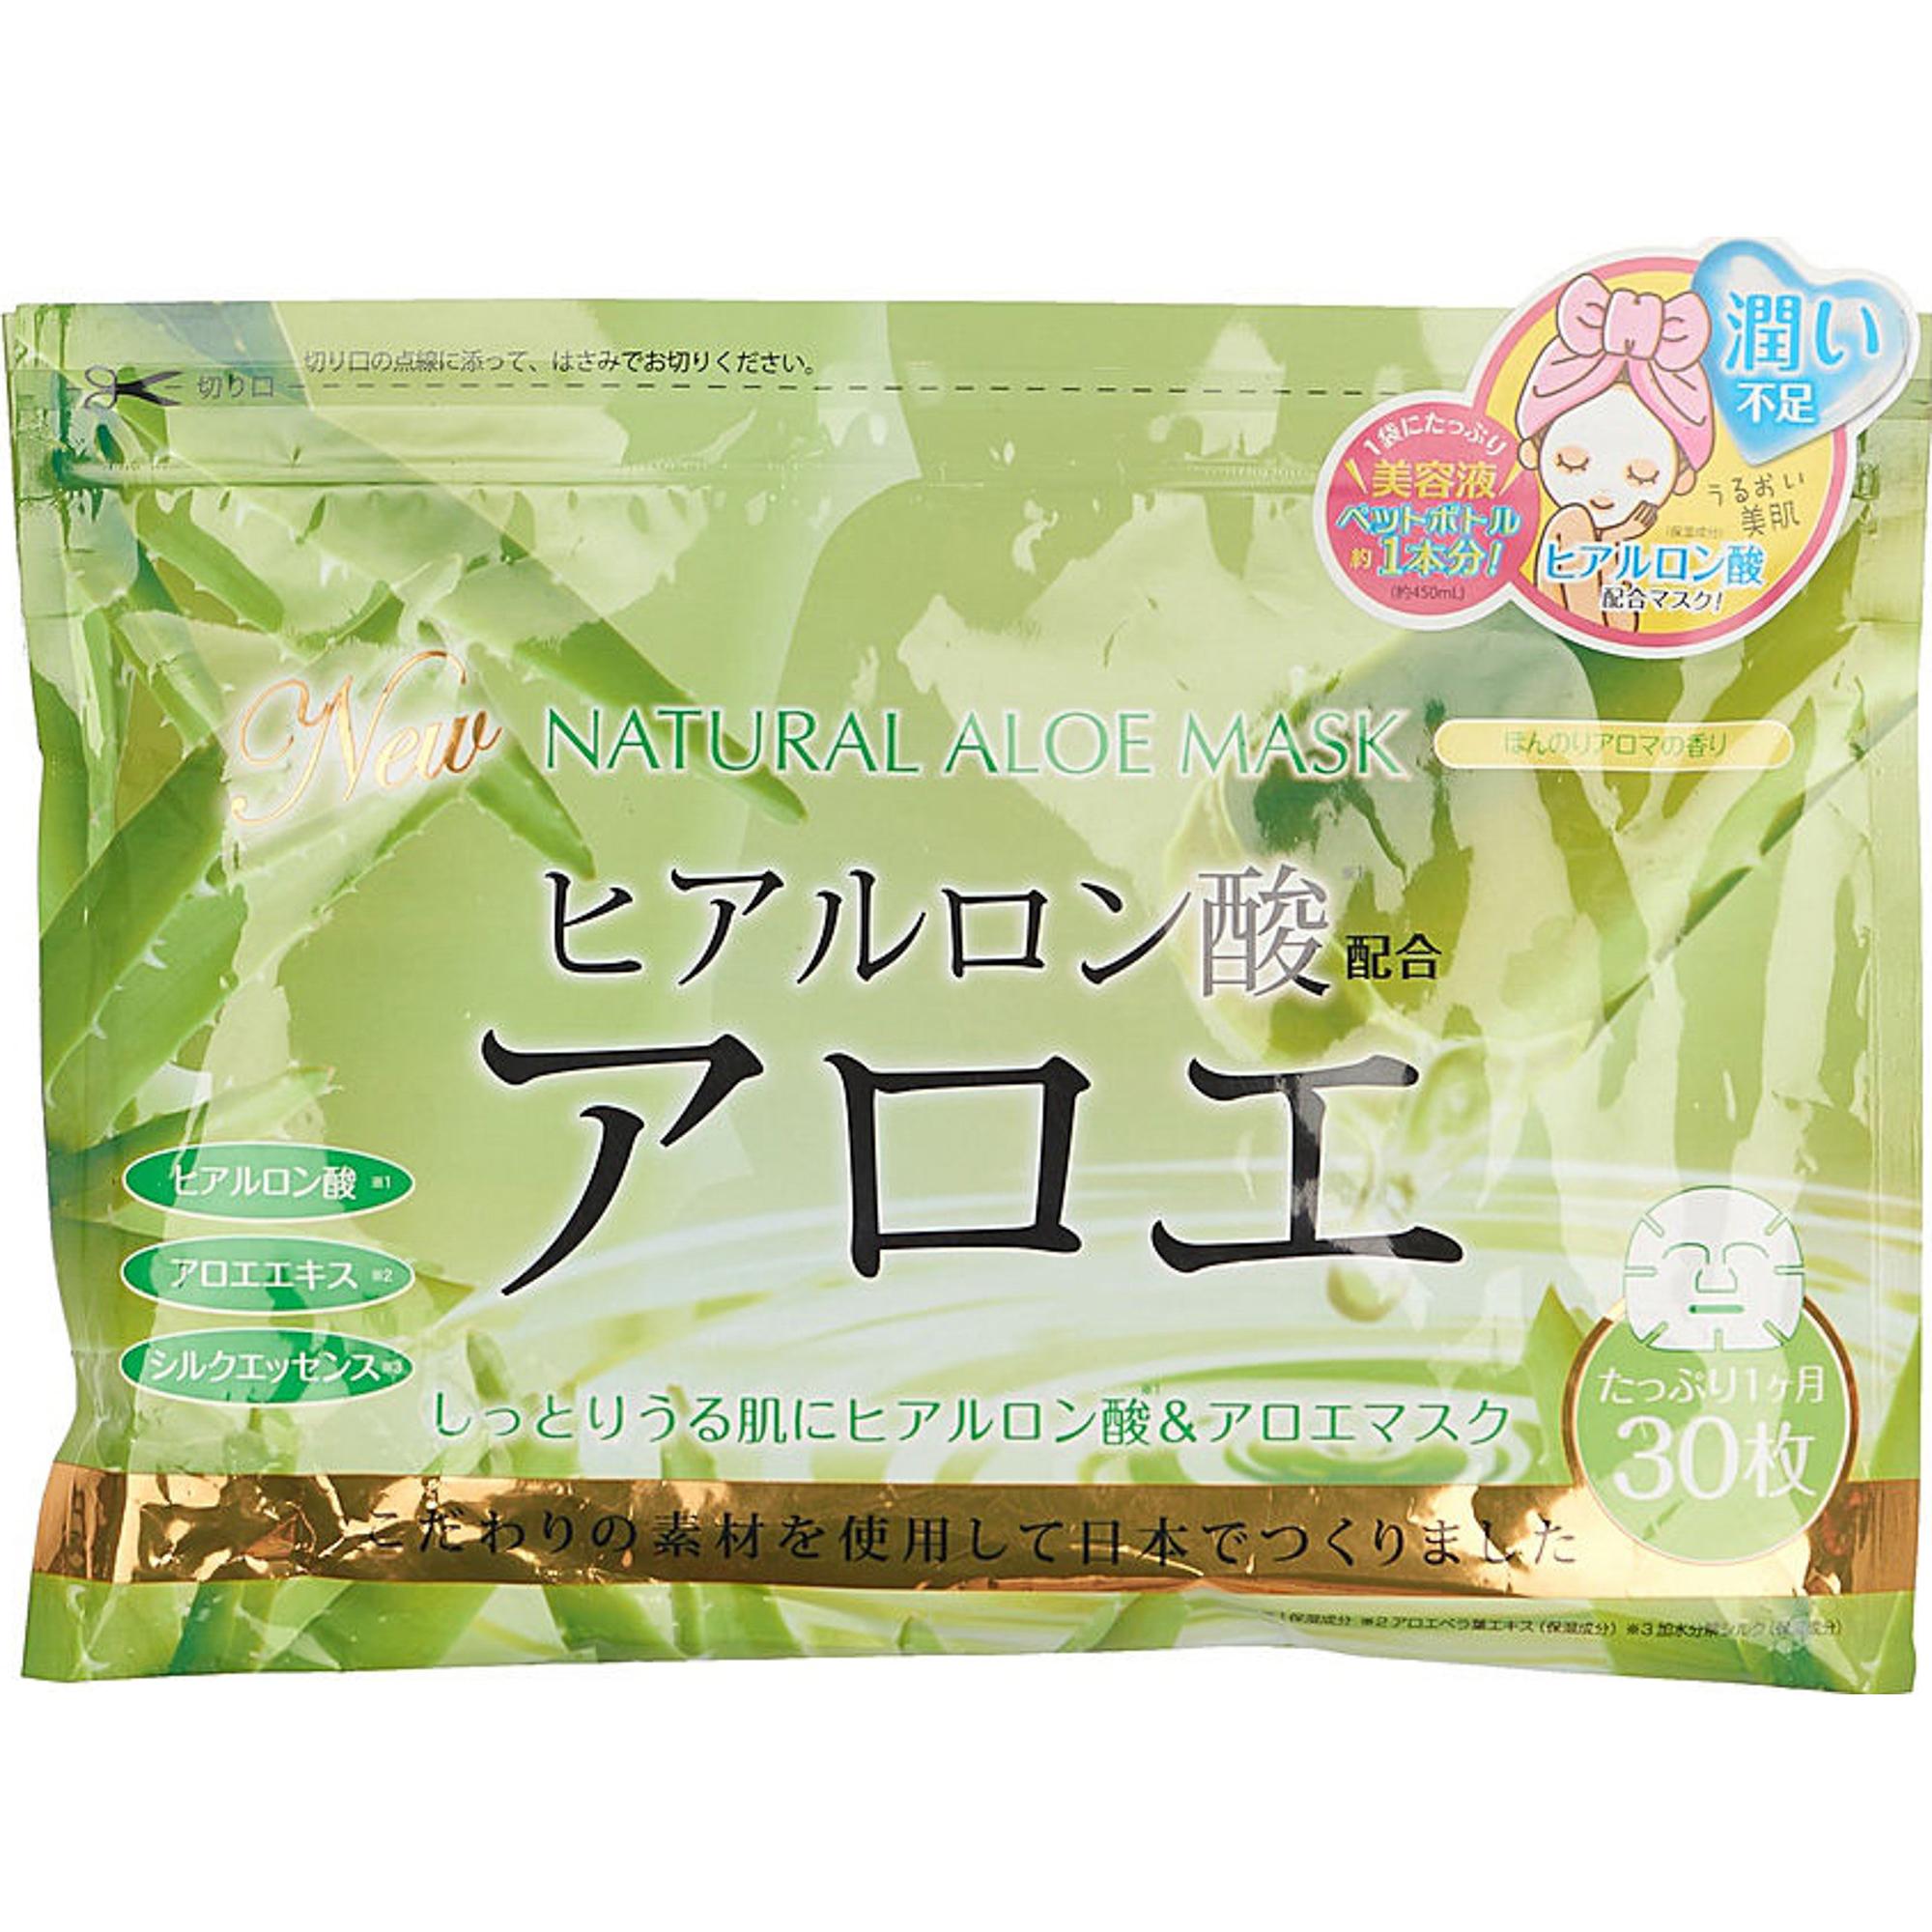 Тканевая маска Japan Gals С экстрактом алоэ 30 шт laloli тканевая маска увлажняющая с экстрактом морских водорослей и алоэ вера 30 г